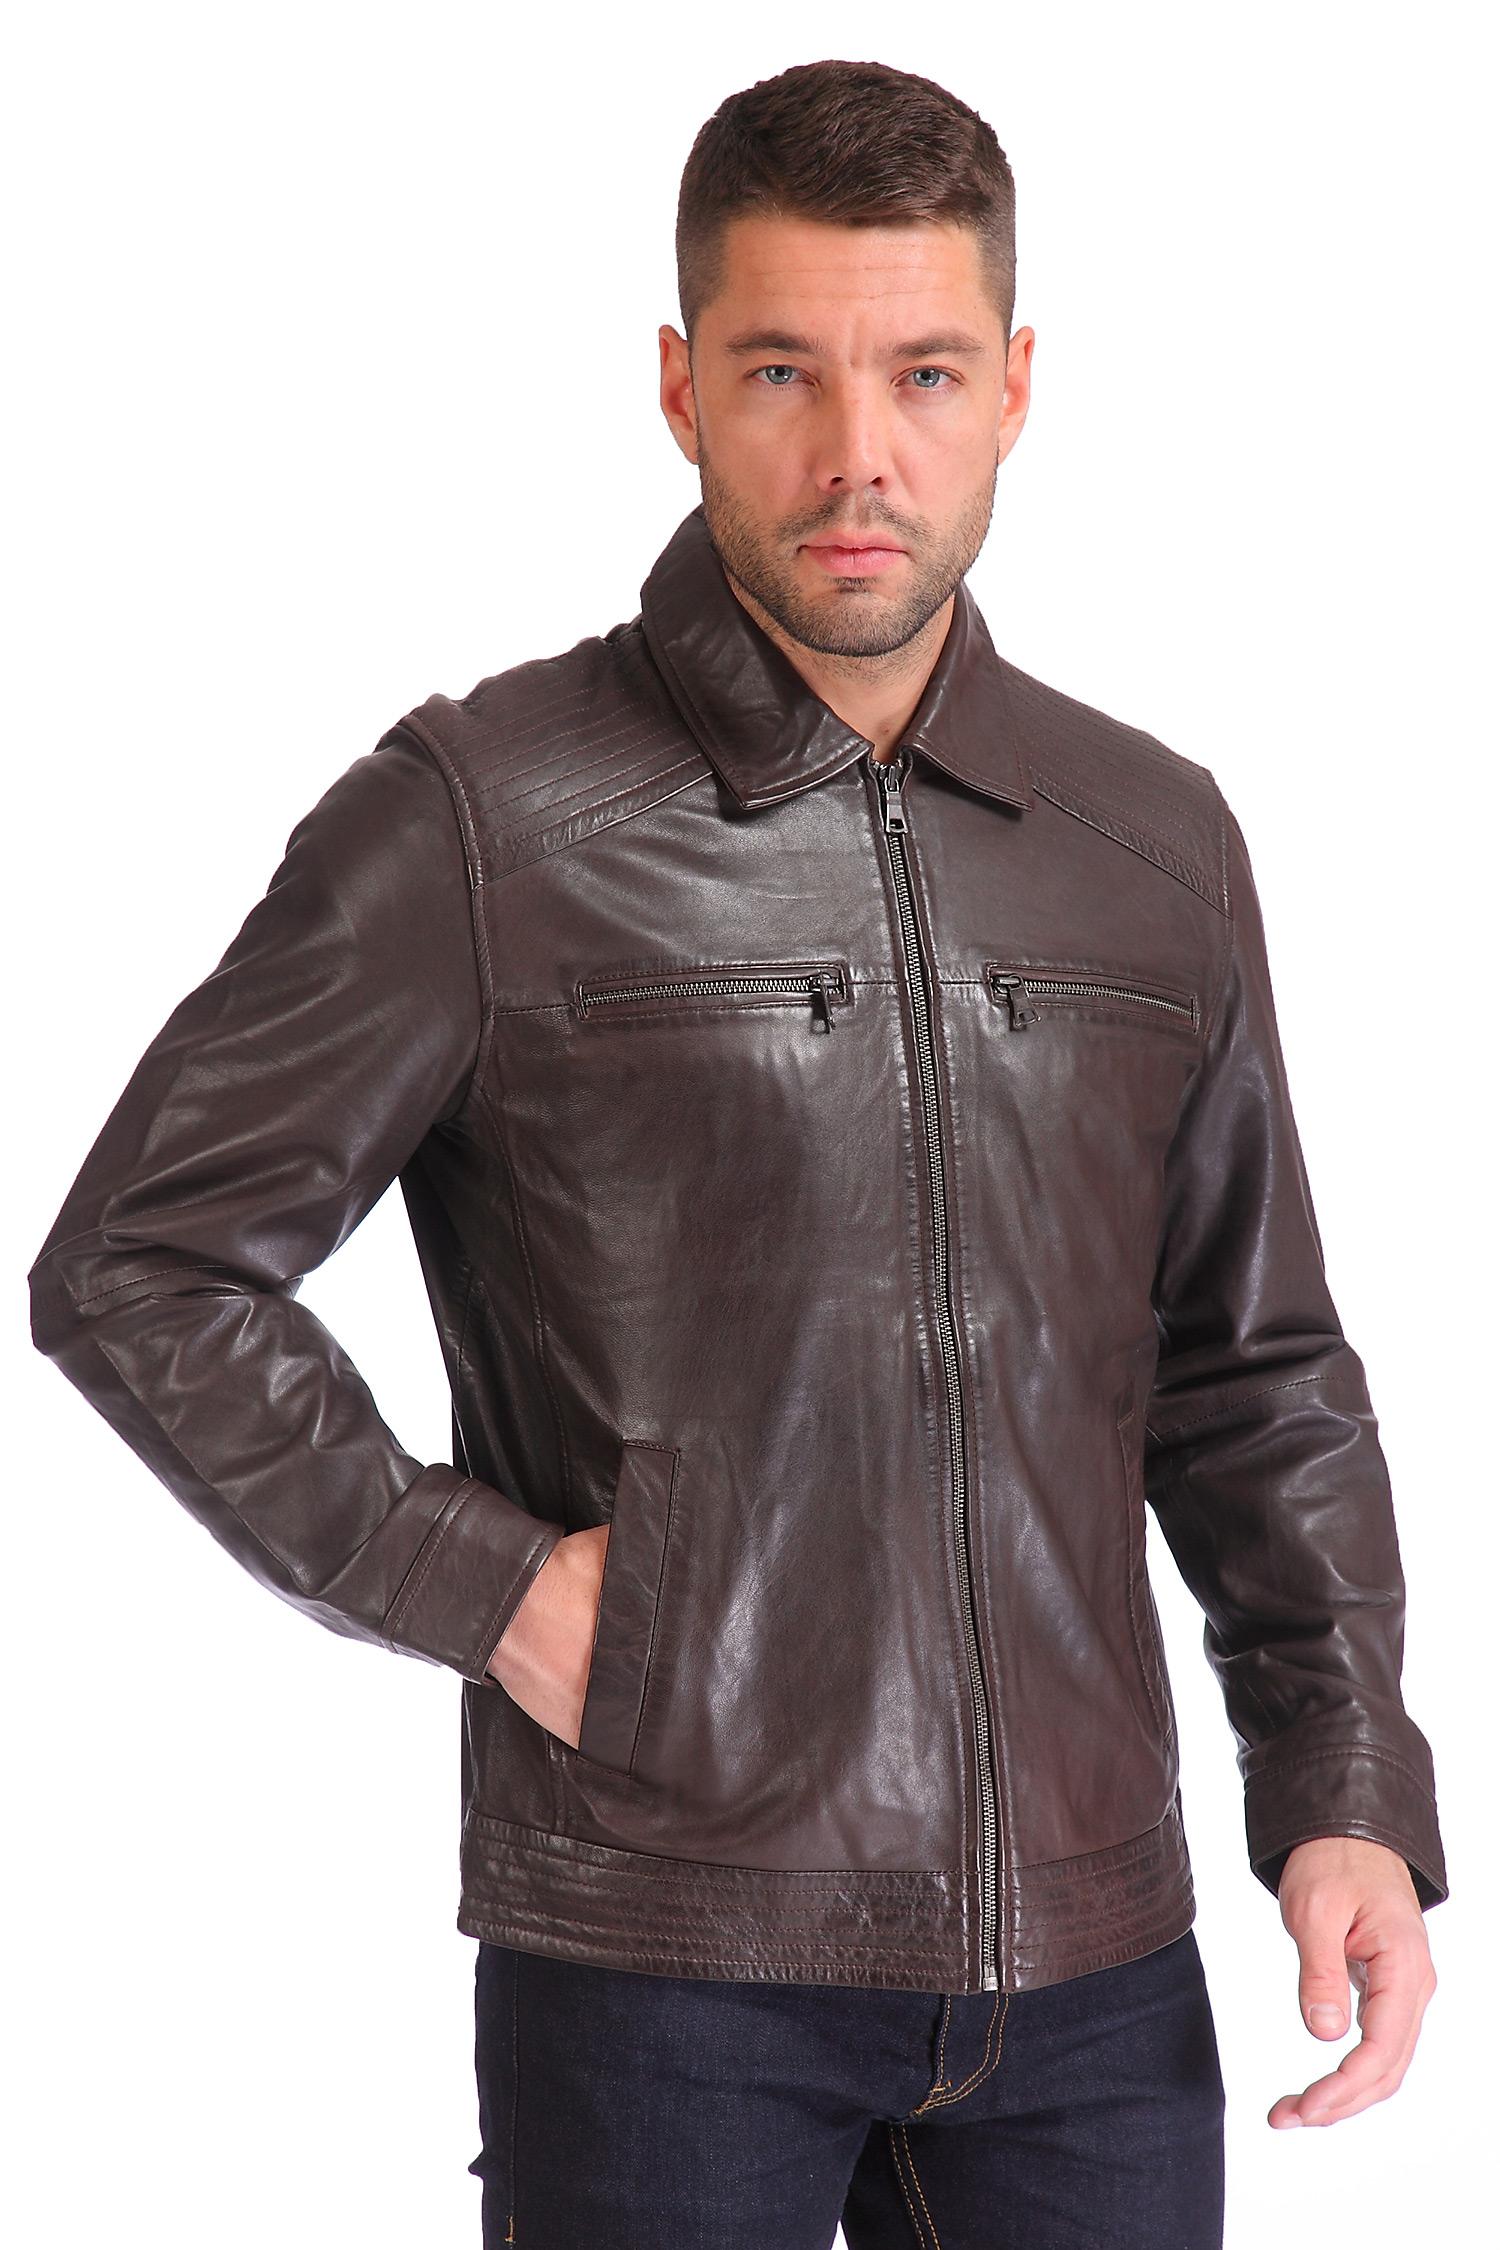 Мужская кожаная куртка из натуральной кожи<br><br>Воротник: отложной<br>Длина см: Короткая (51-74 )<br>Материал: Кожа овчина<br>Цвет: коричневый<br>Вид застежки: центральная<br>Застежка: на молнии<br>Пол: Мужской<br>Размер RU: 52